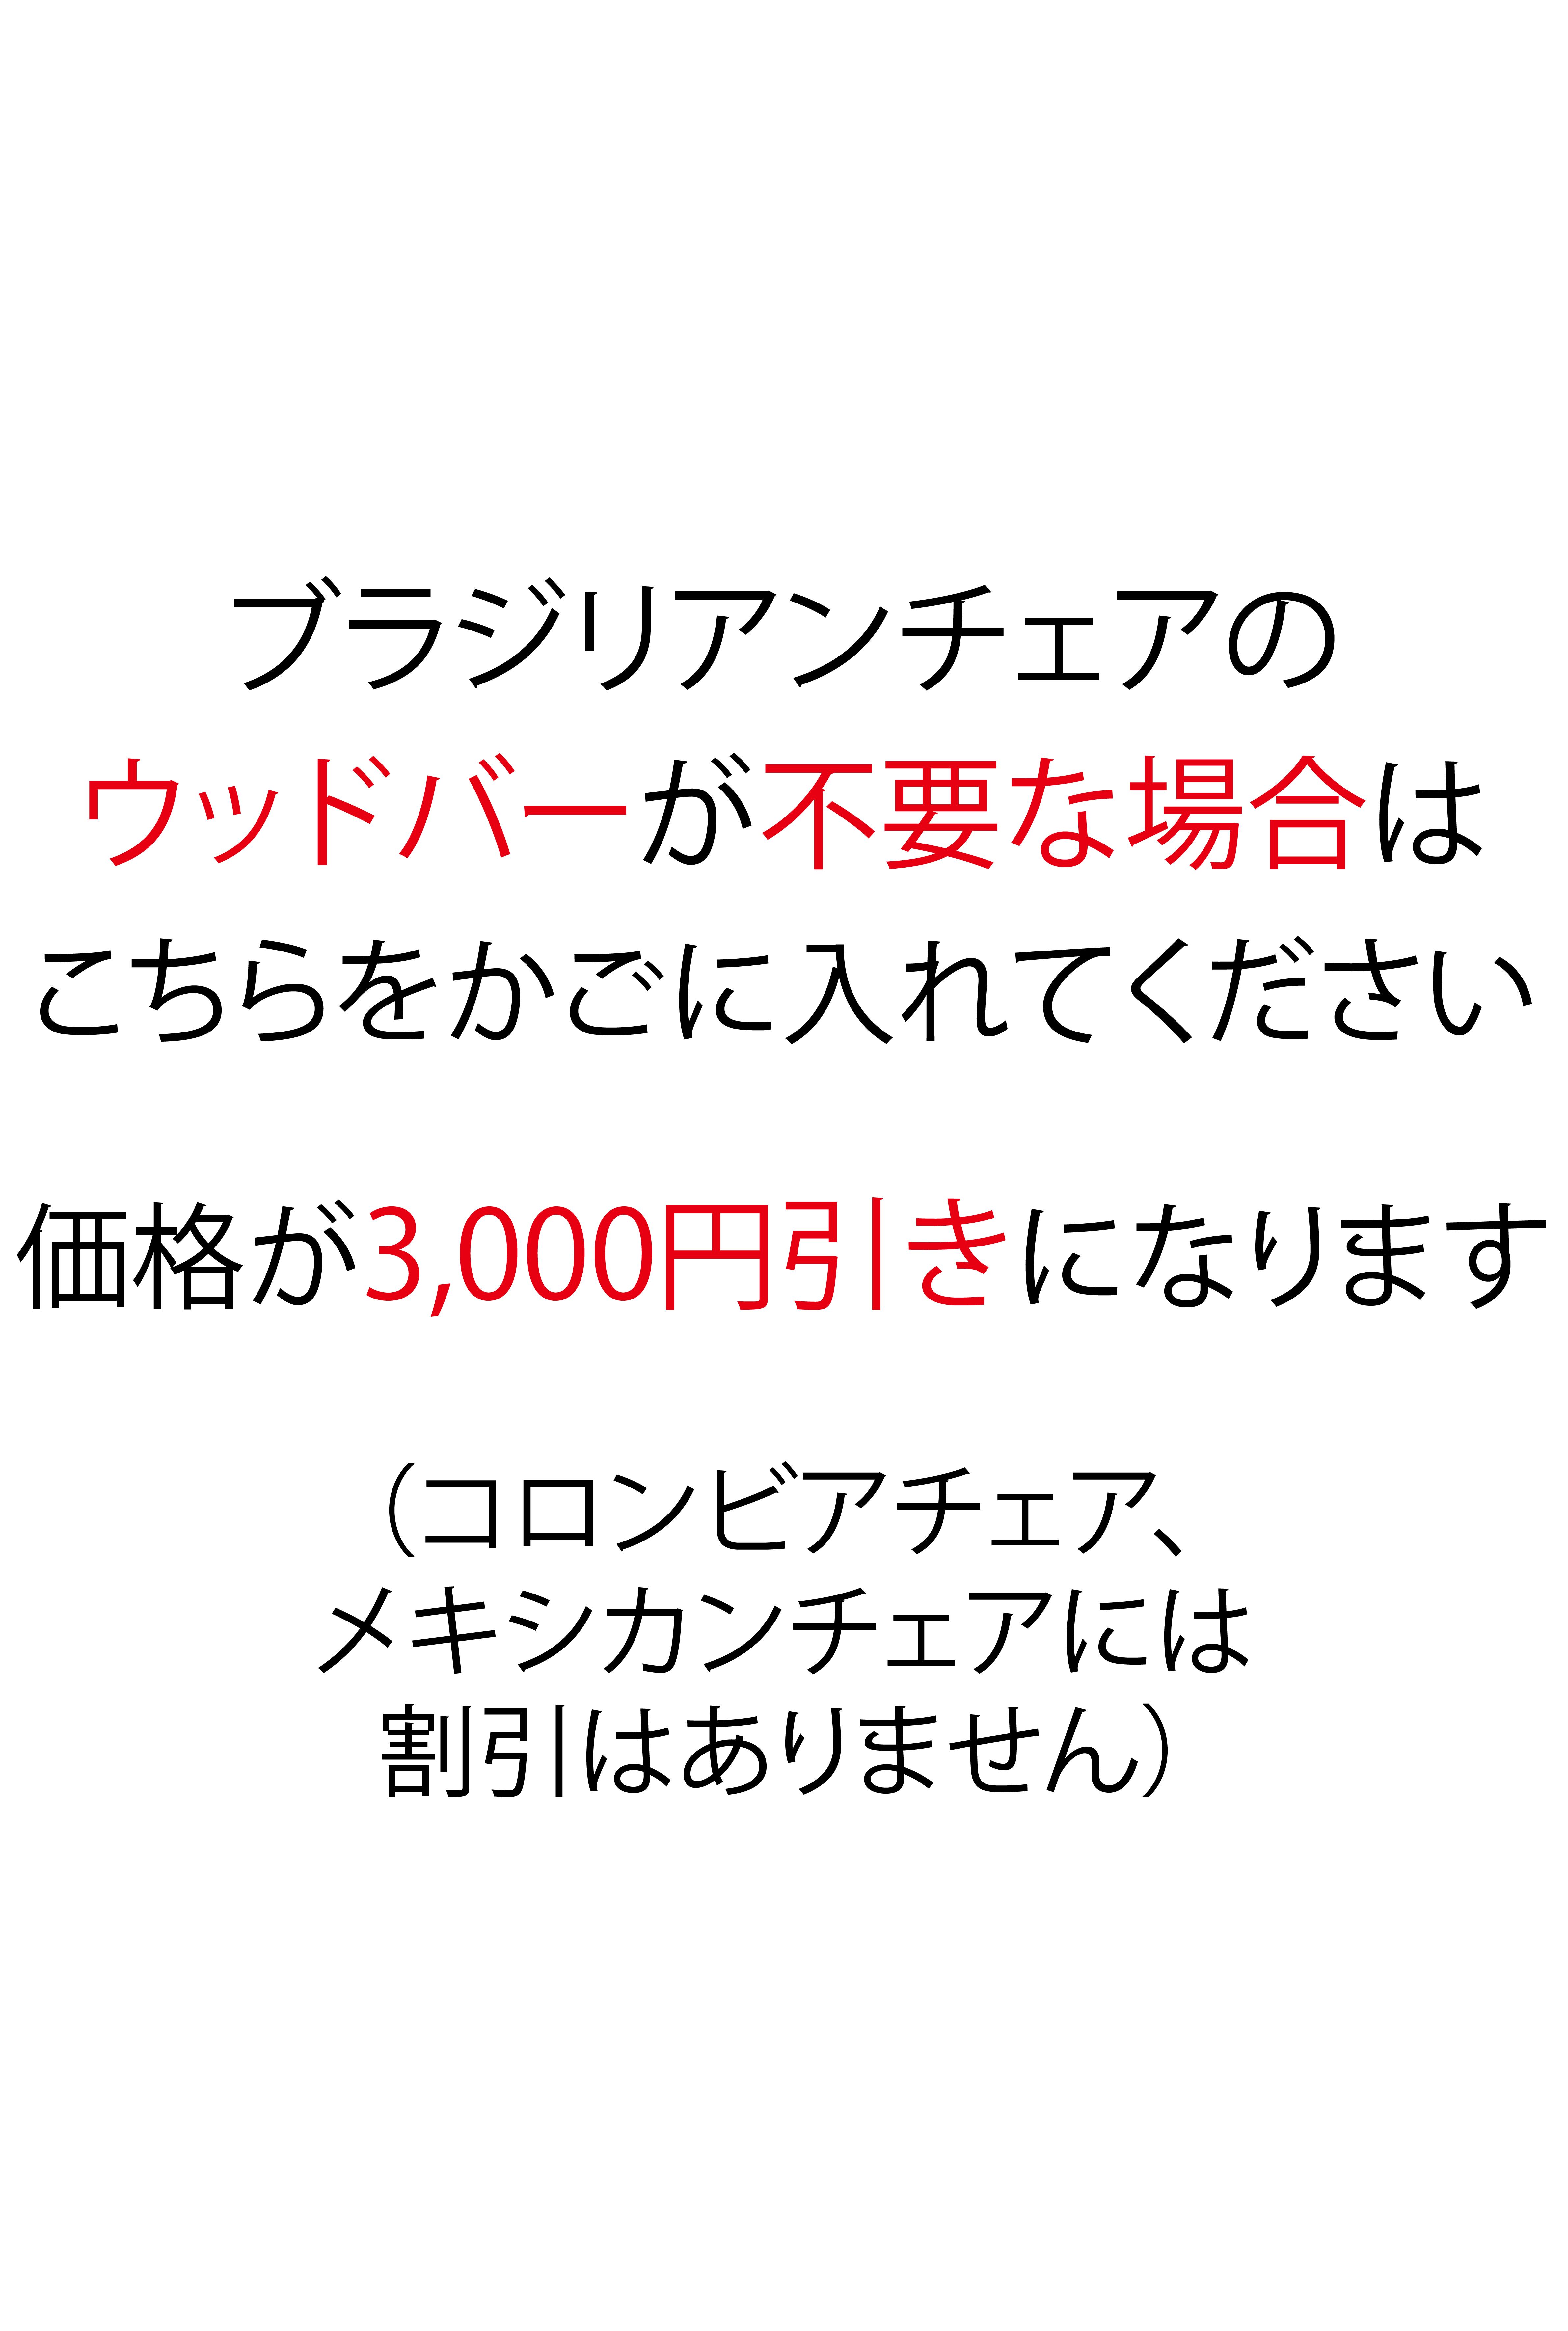 ブラジリアンチェアハンモック・ウッドバー不要(3,000円OFF)